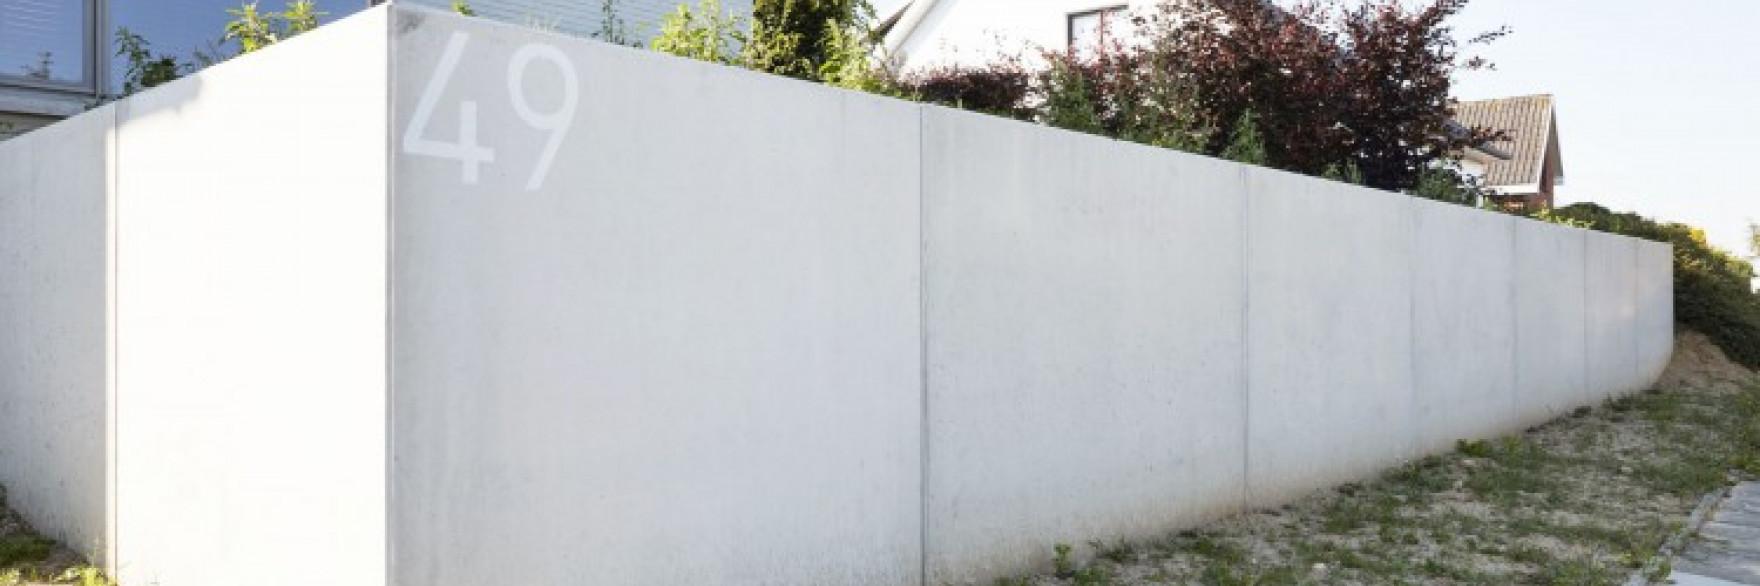 Producent beton tuinaanleg